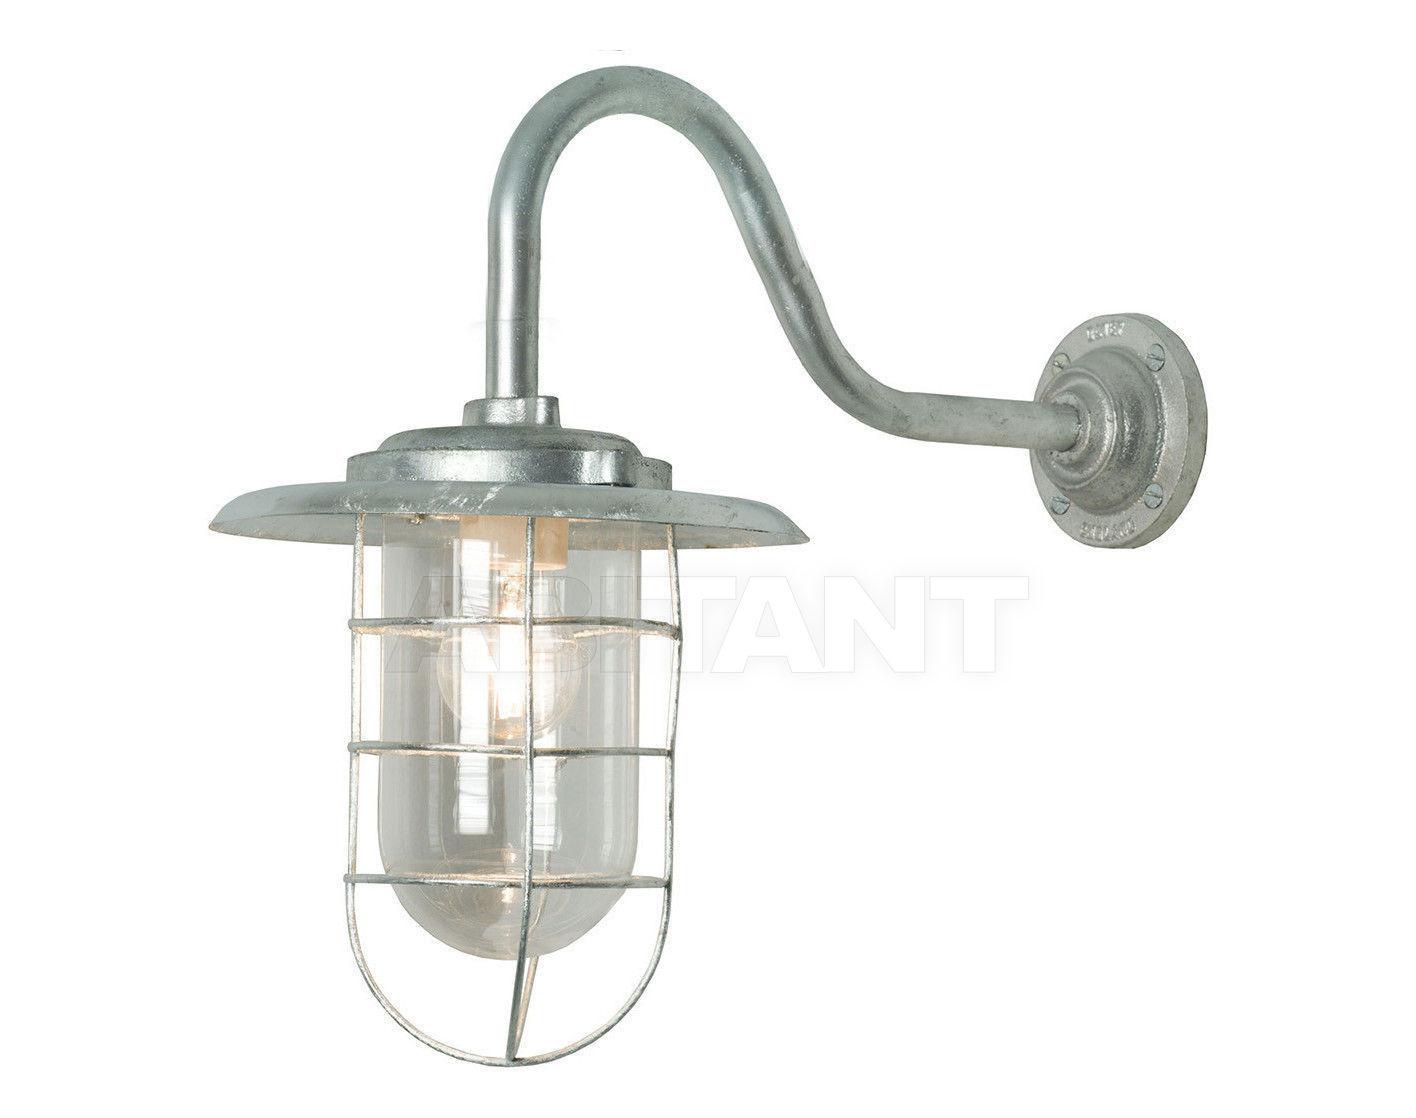 Купить Фонарь Davey Lighting Wall Mounted Lights 7677/GA/100C/S + 7677/GA/GD/100